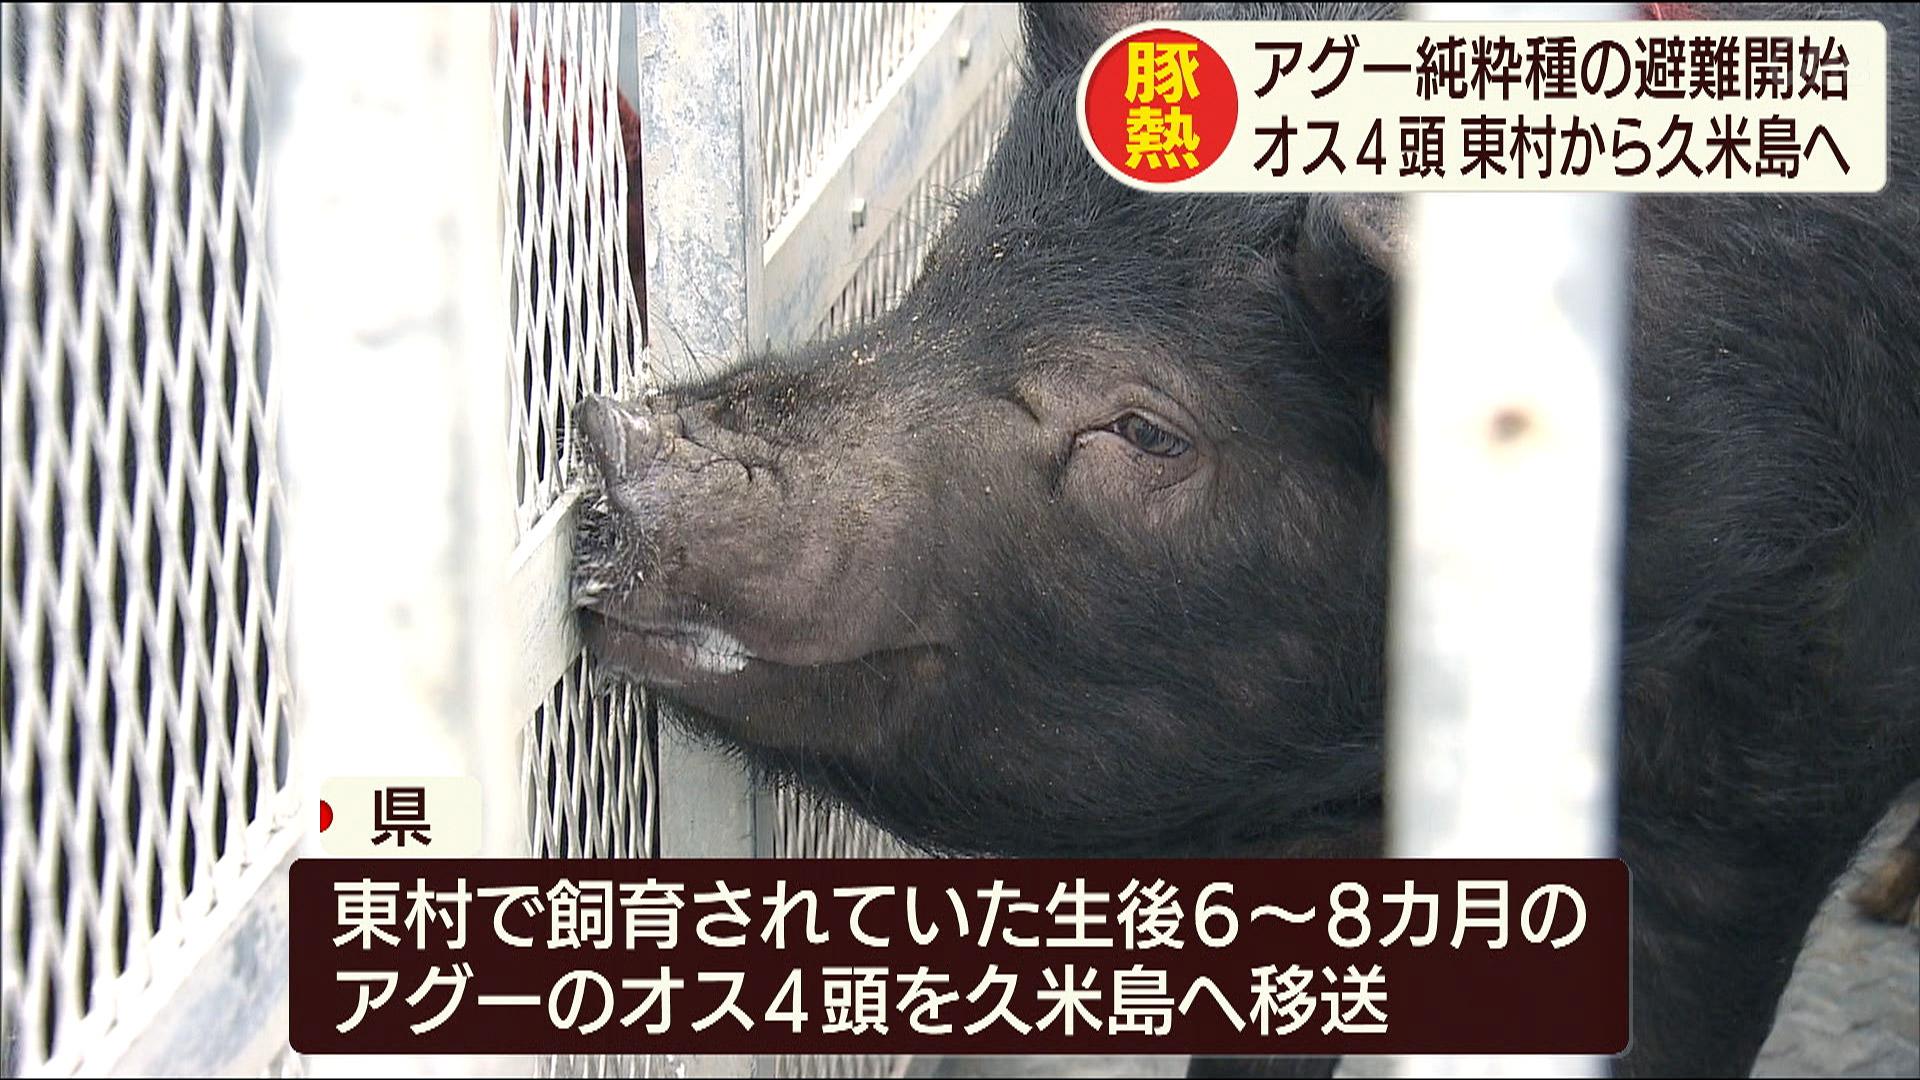 豚熱の感染拡大防止のためアグーを久米島へ移送